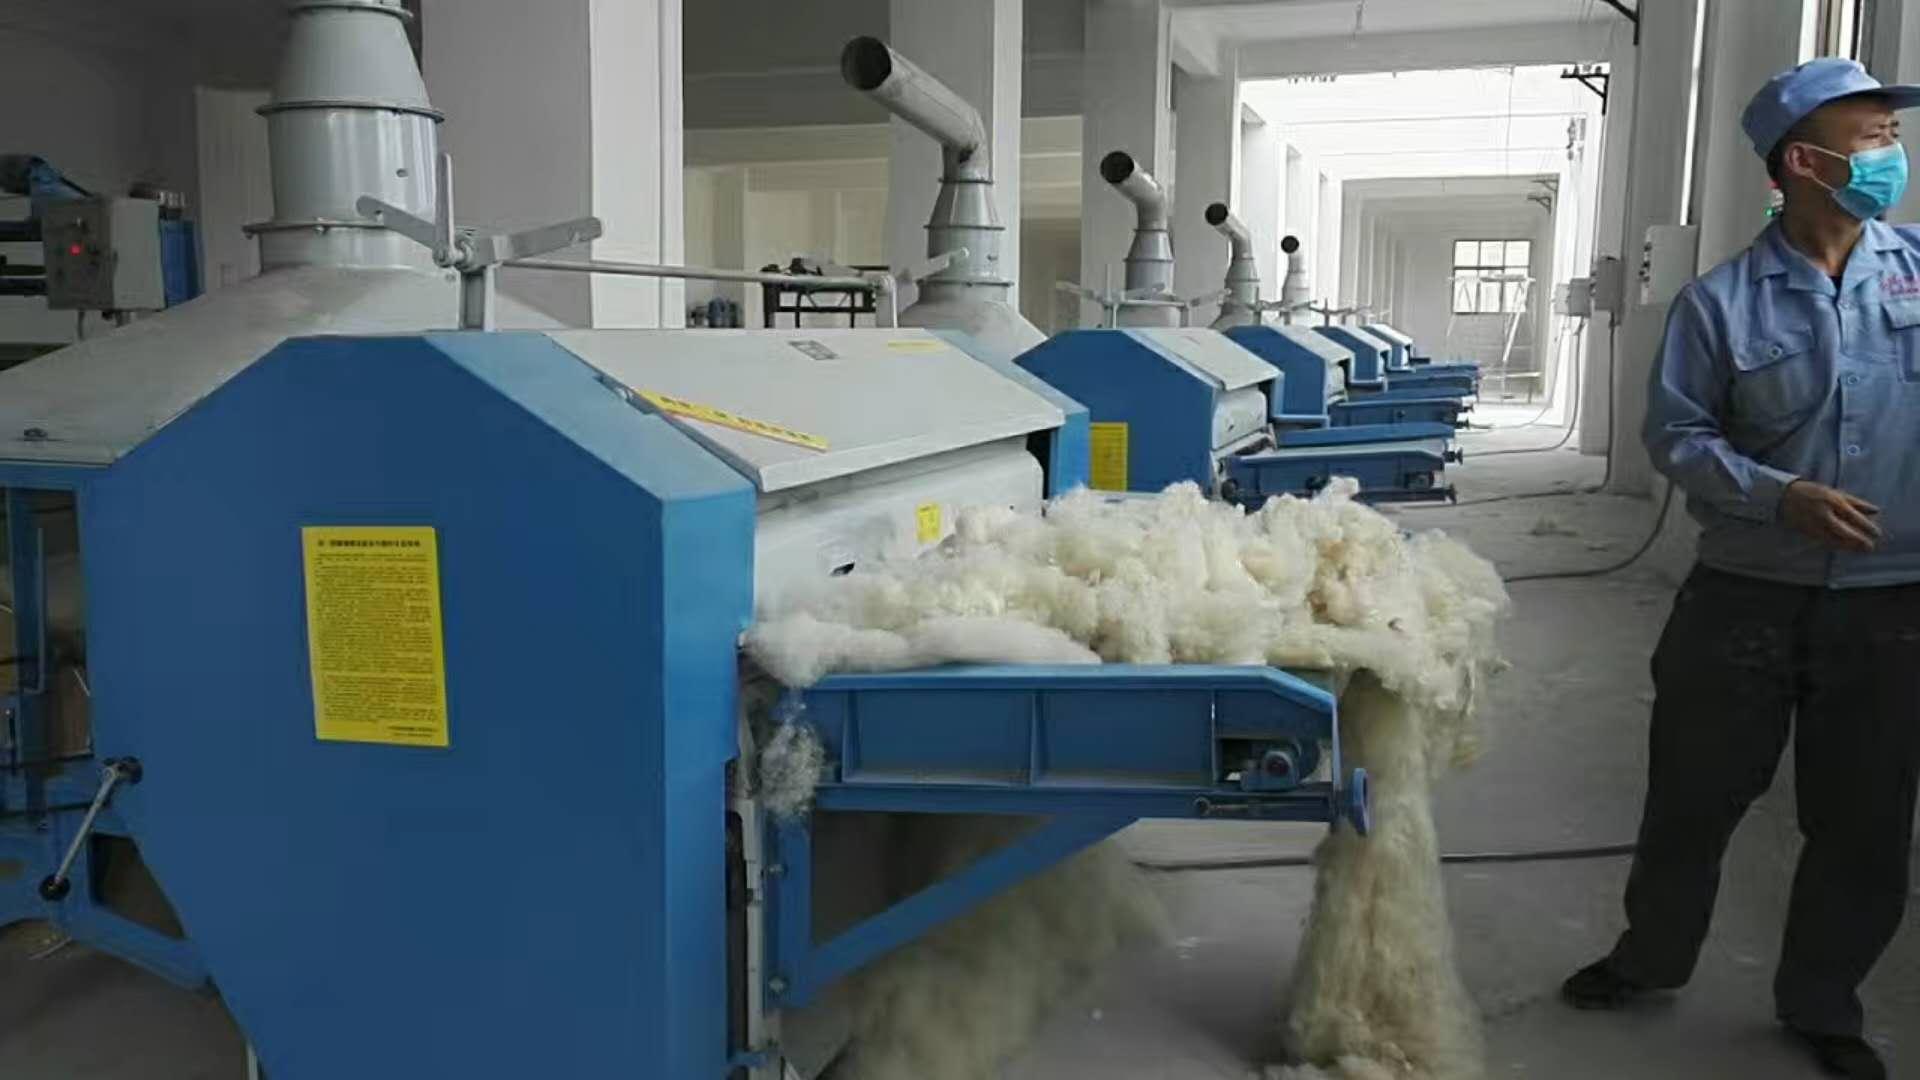 羊毛被怎样做的?看了这个还不会算我输。